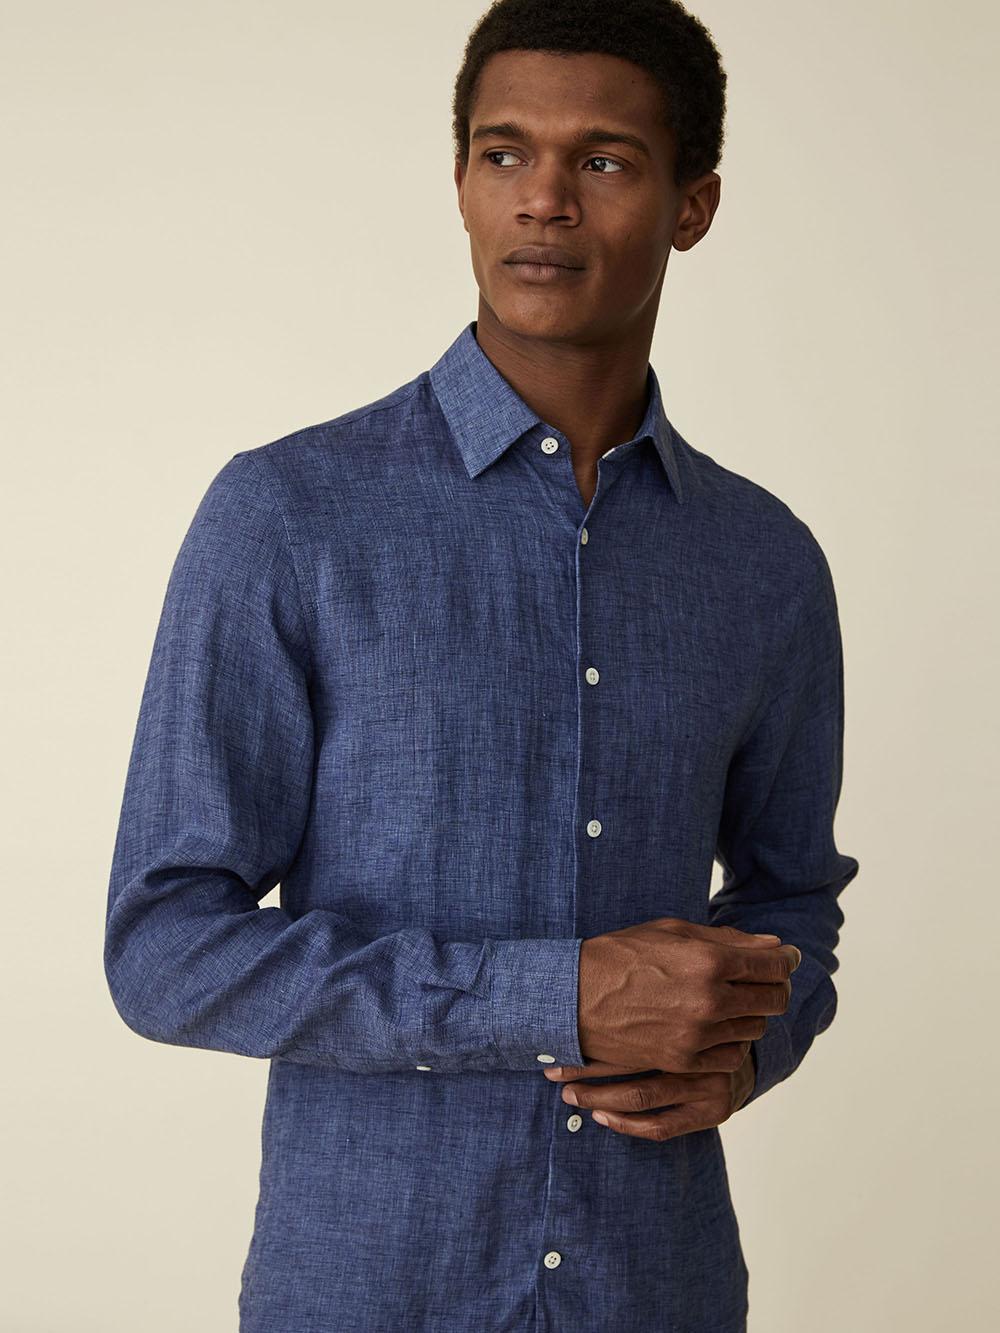 lauren-grace-design-freelance-photography-retoucher-ecommerce-imagery-male-model-11.jpg